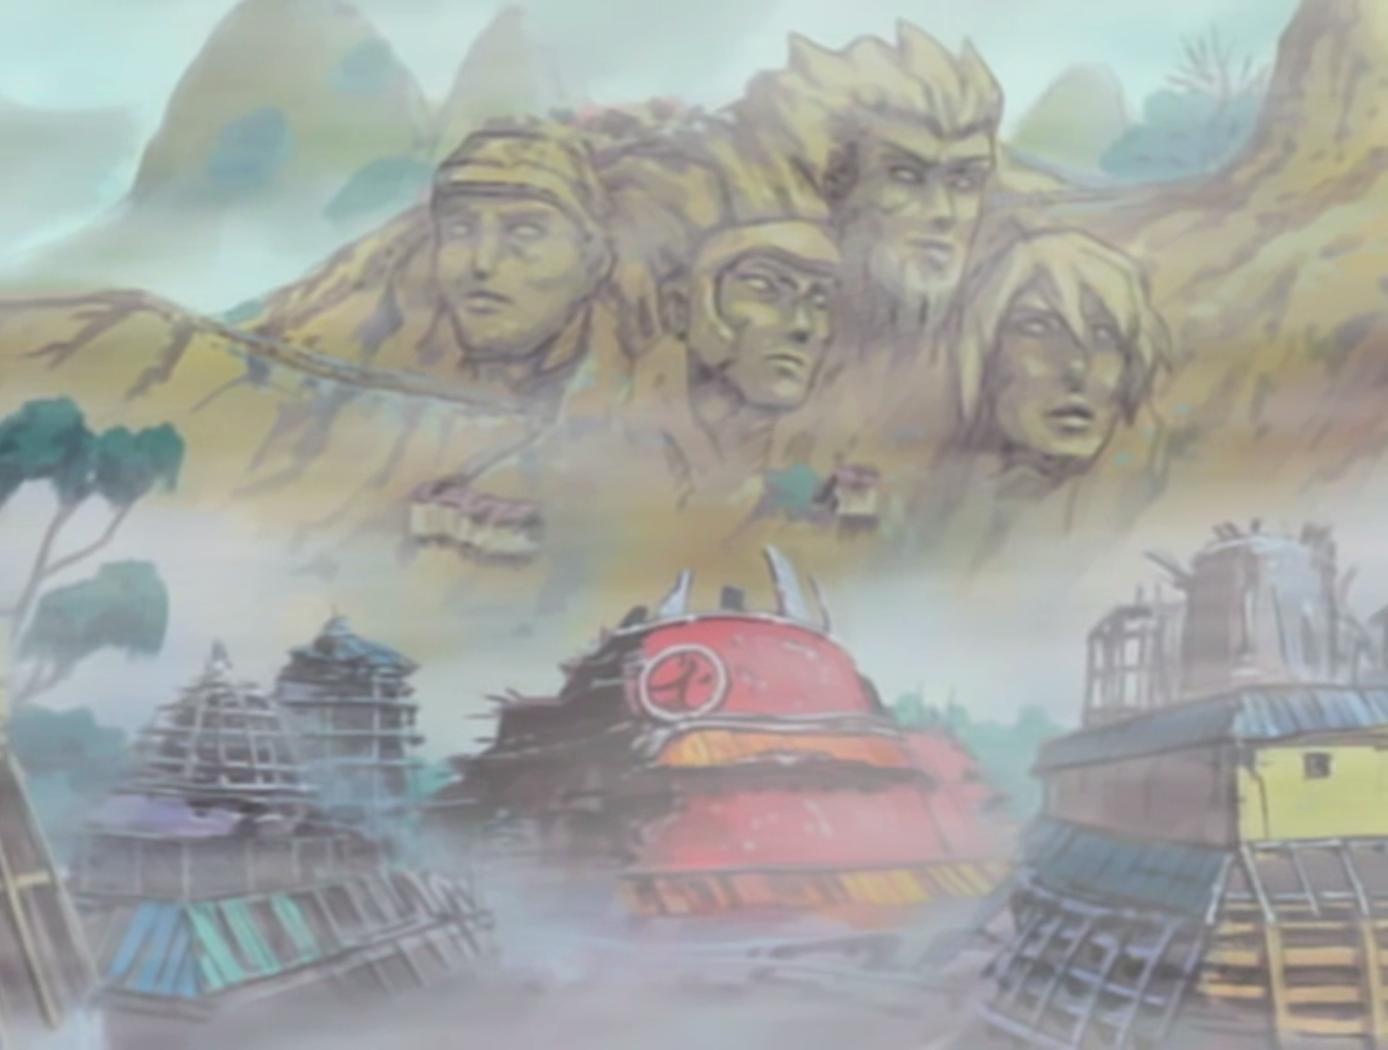 Naruto - Episódio 206: Genjutsu ou Realidade?